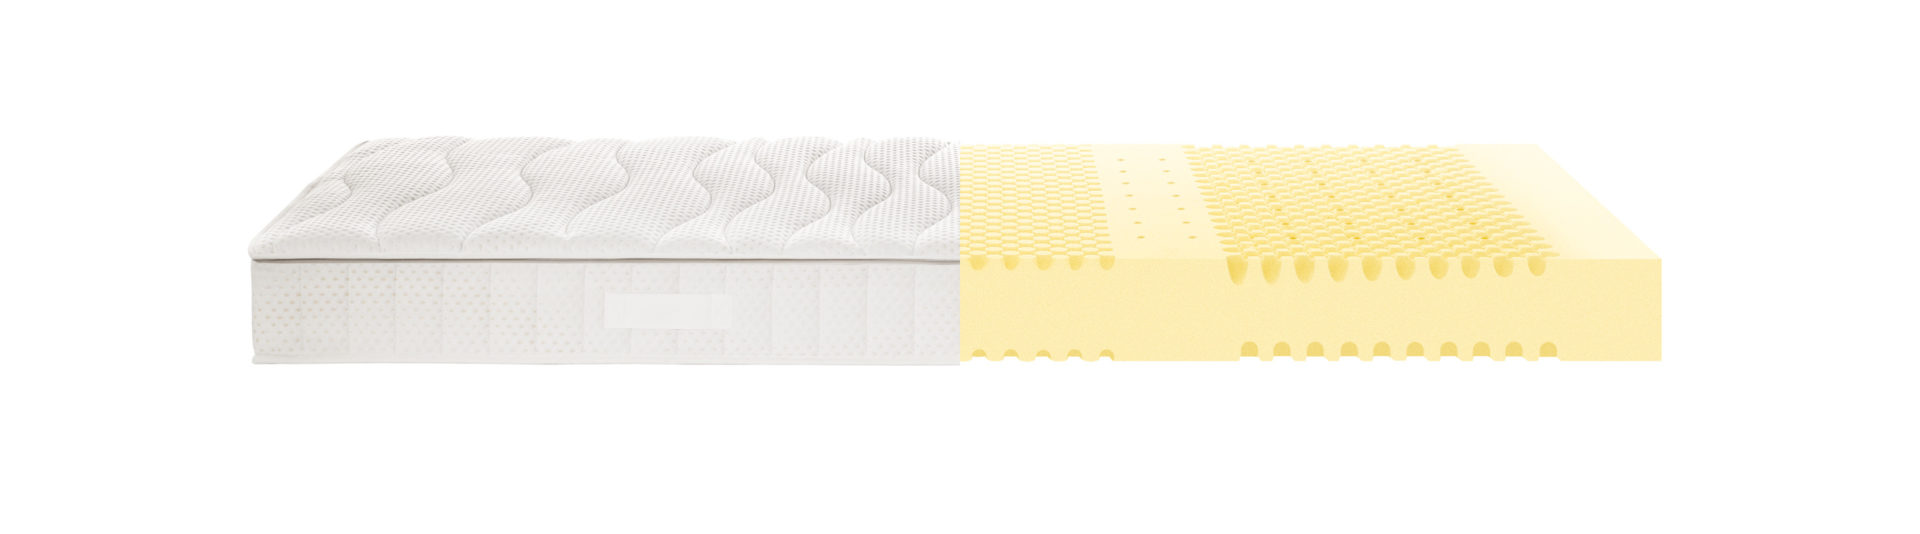 matratzen freudenstadt m hrle schlafstudio mit schlafberatung. Black Bedroom Furniture Sets. Home Design Ideas